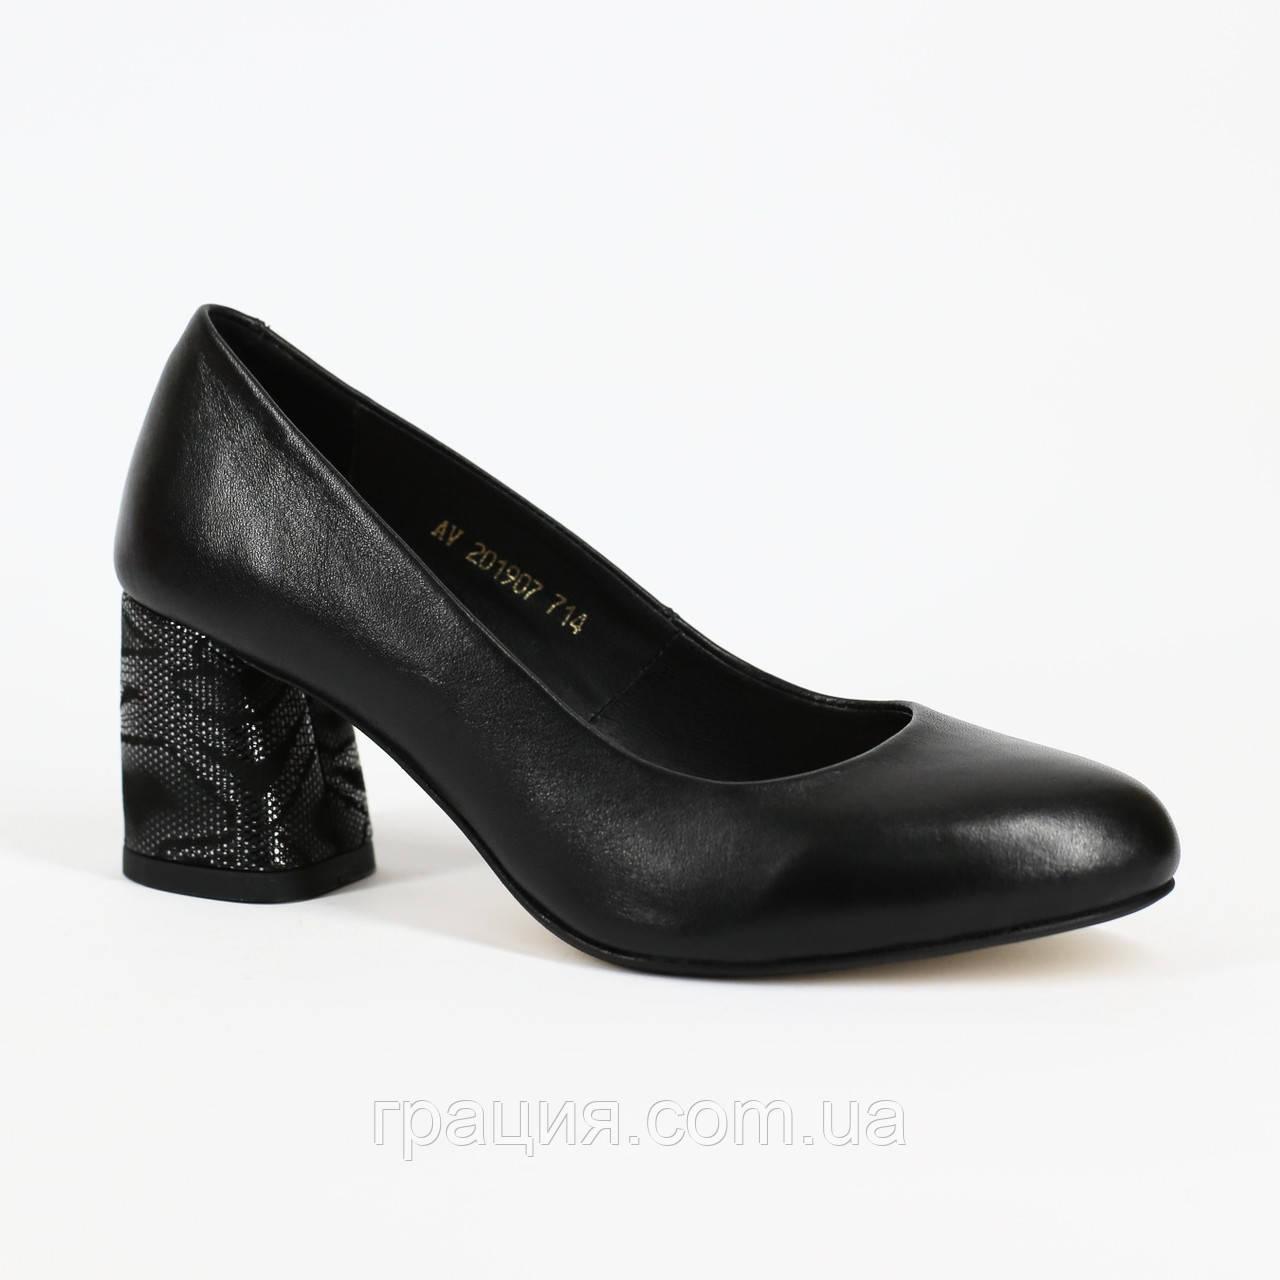 Женские элегантные туфли кожаные натуральные на не большем каблуке